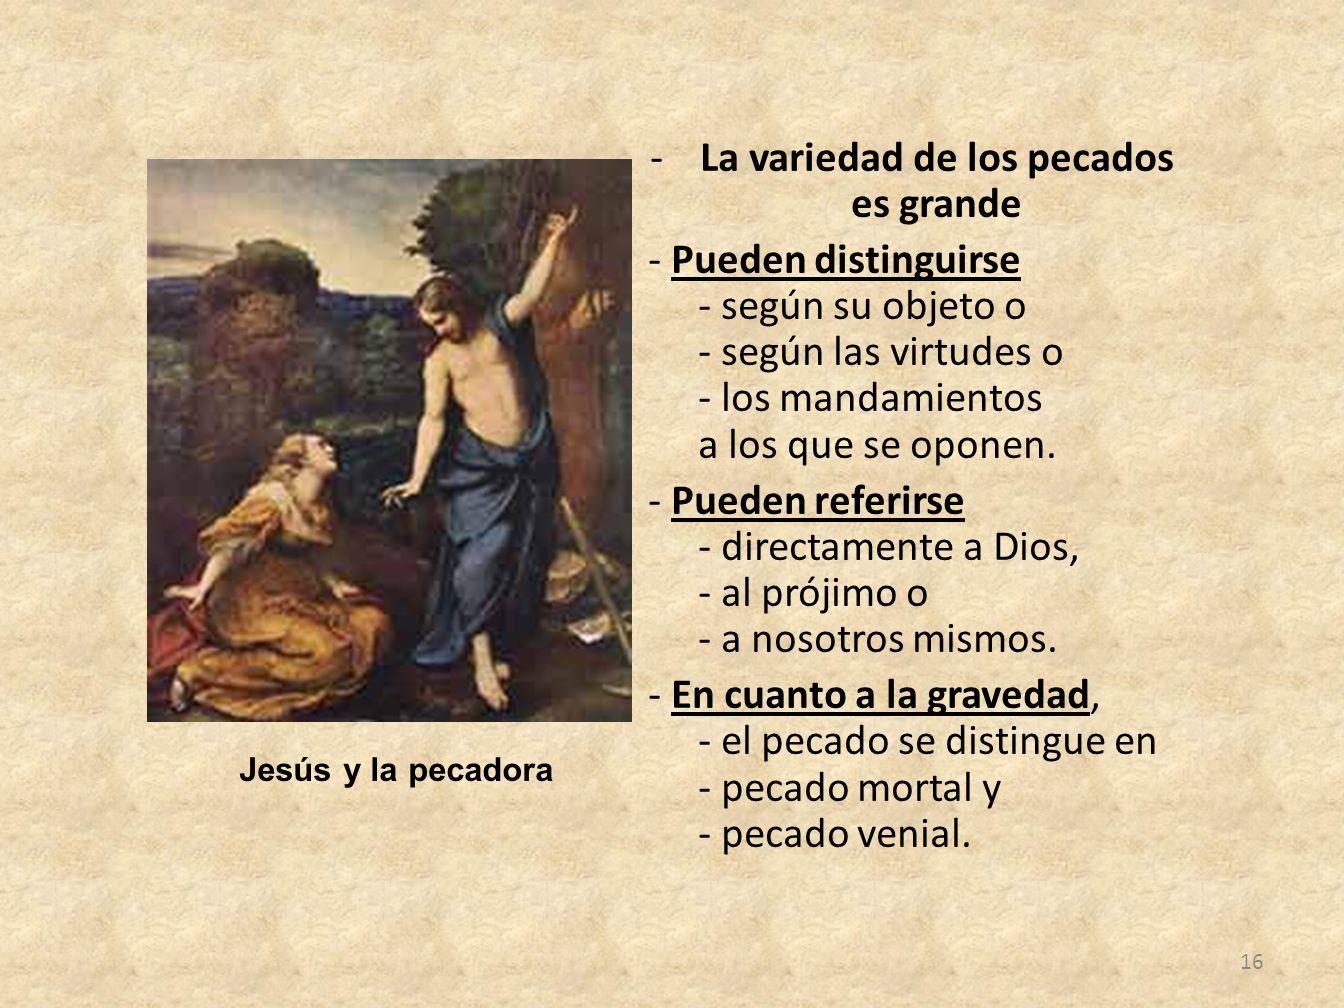 -La variedad de los pecados es grande - Pueden distinguirse - según su objeto o - según las virtudes o - los mandamientos a los que se oponen.